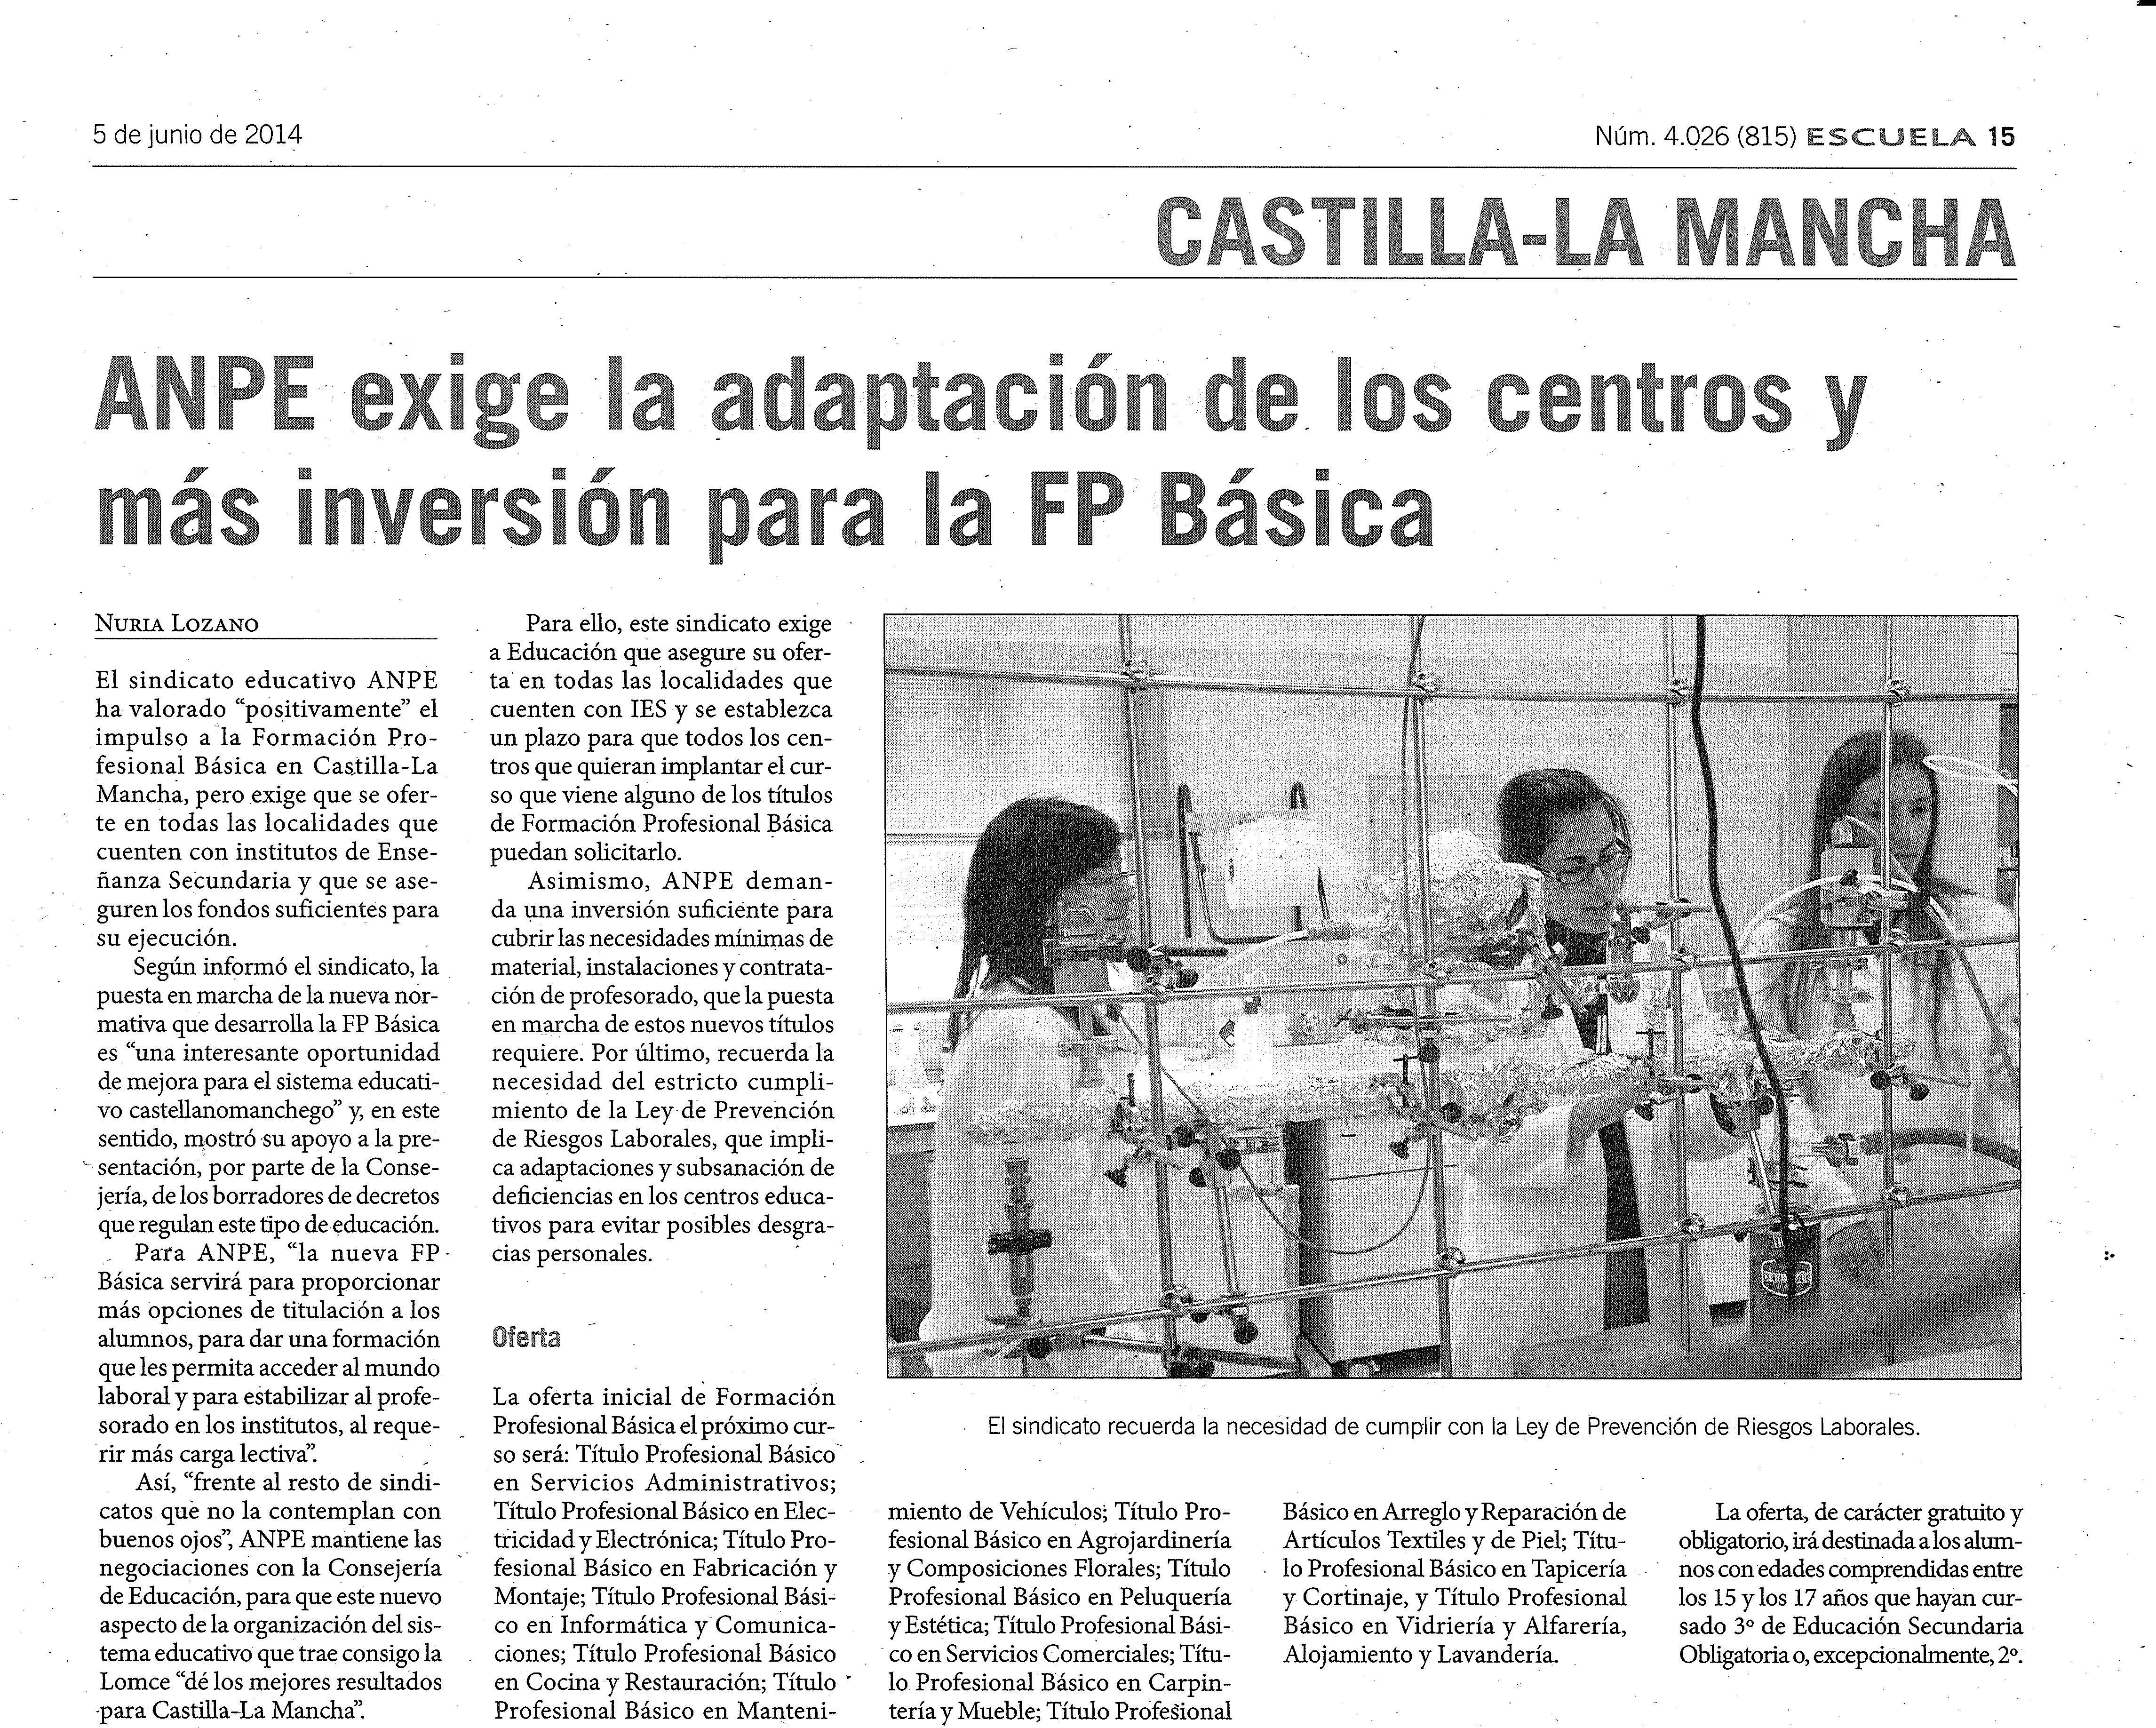 5-6-14 ANPE exige la adapatación de los centros y más inversión para la FP básica SI